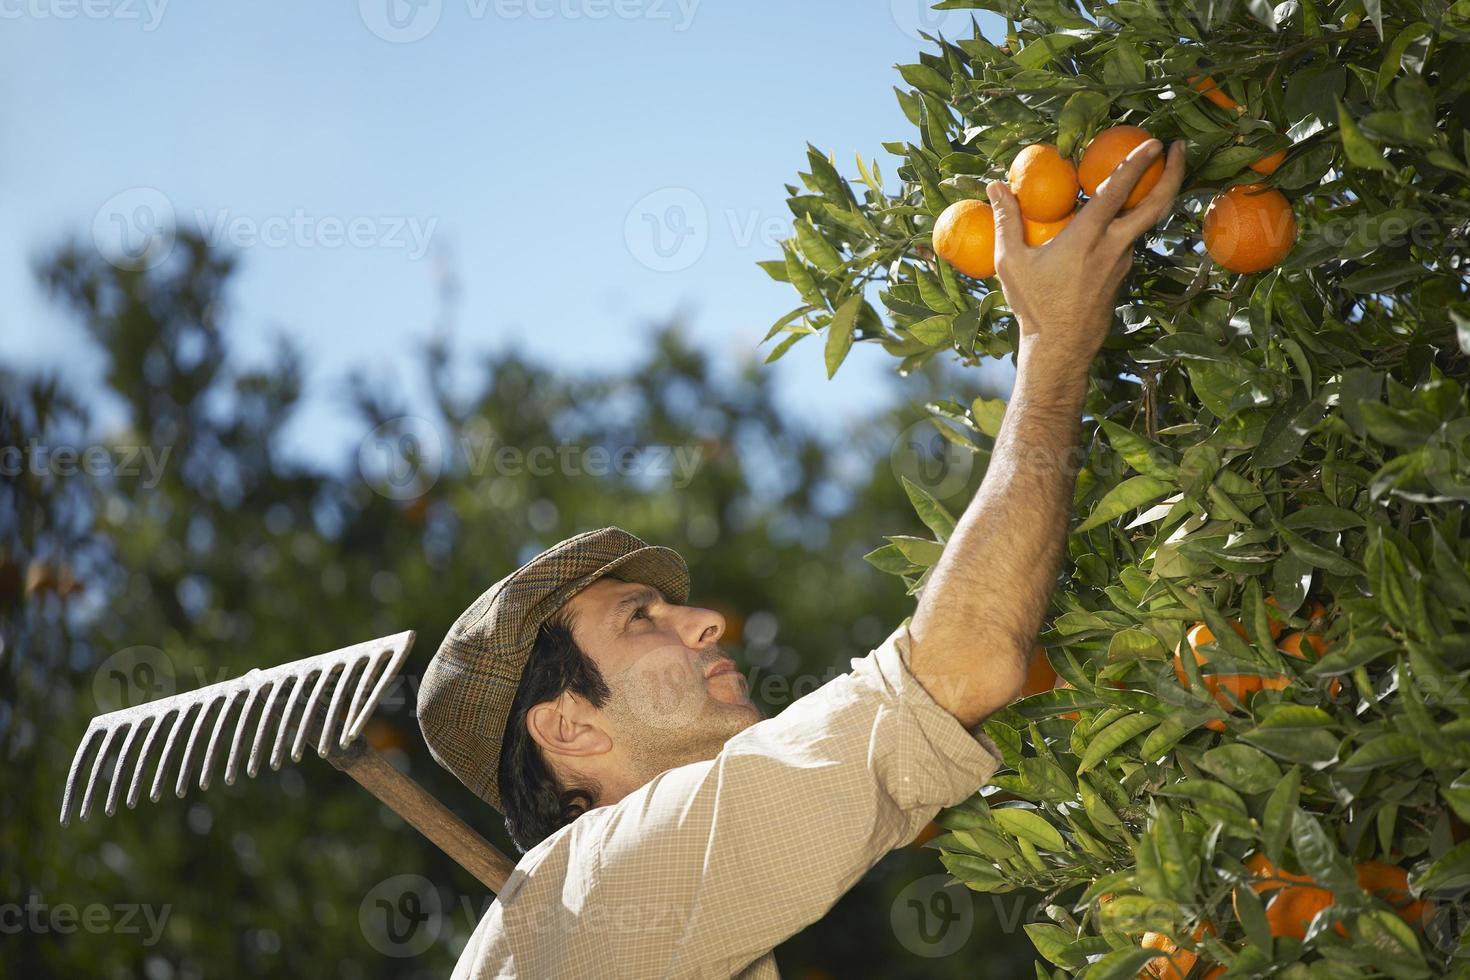 agricoltore raccolta arance in fattoria foto